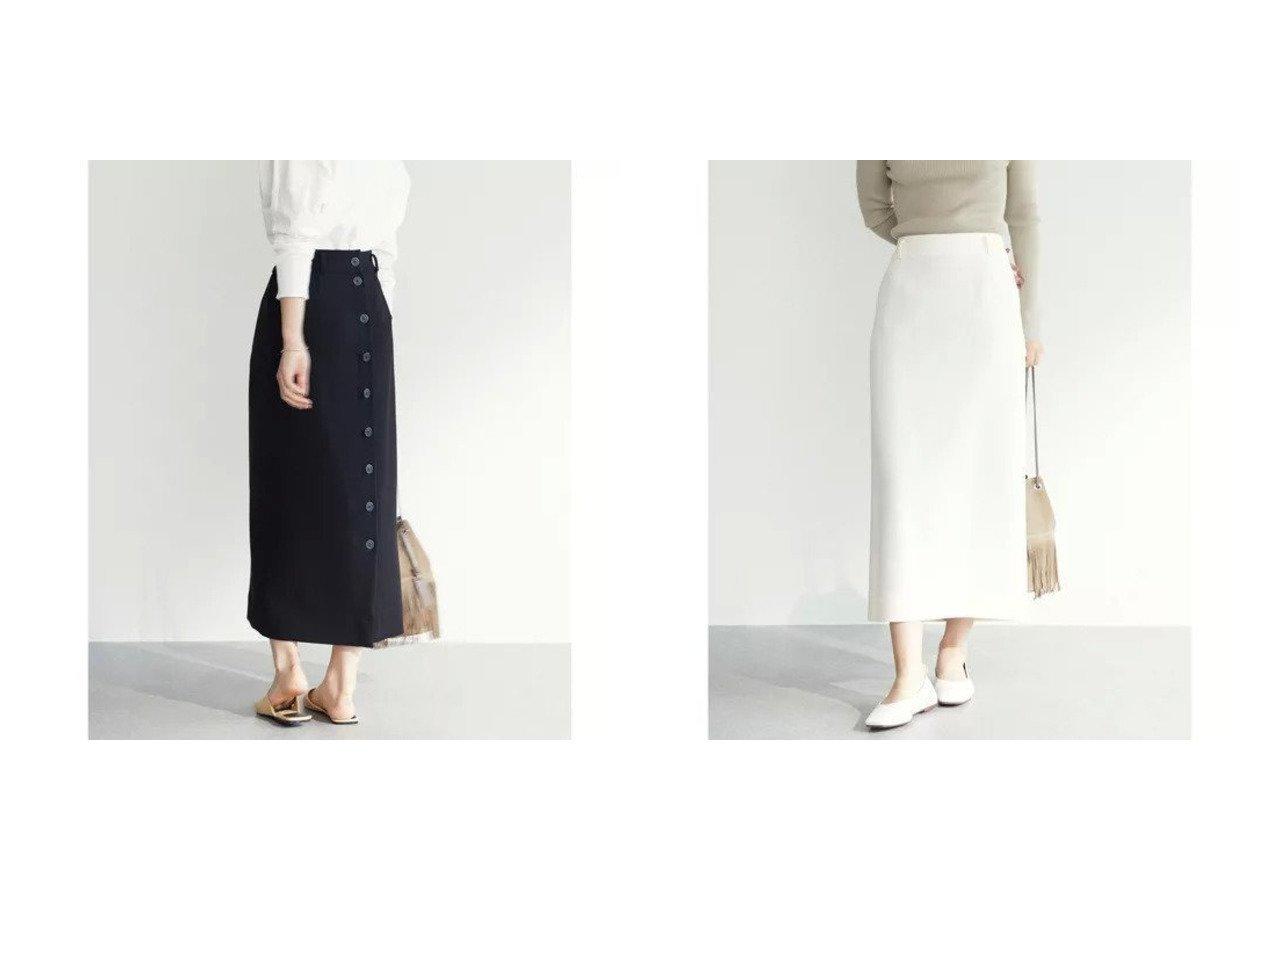 【GALLARDAGALANTE/ガリャルダガランテ】のバックボタンタイトスカート GALLARDAGALANTEのおすすめ!人気、トレンド・レディースファッションの通販 おすすめで人気の流行・トレンド、ファッションの通販商品 メンズファッション・キッズファッション・インテリア・家具・レディースファッション・服の通販 founy(ファニー) https://founy.com/ ファッション Fashion レディースファッション WOMEN スカート Skirt バッグ Bag インナー シューズ シンプル ストレッチ ストレート スニーカー スリット タイトスカート バランス フィット フランス フロント マキシ ループ ロング ワンポイント |ID:crp329100000017931